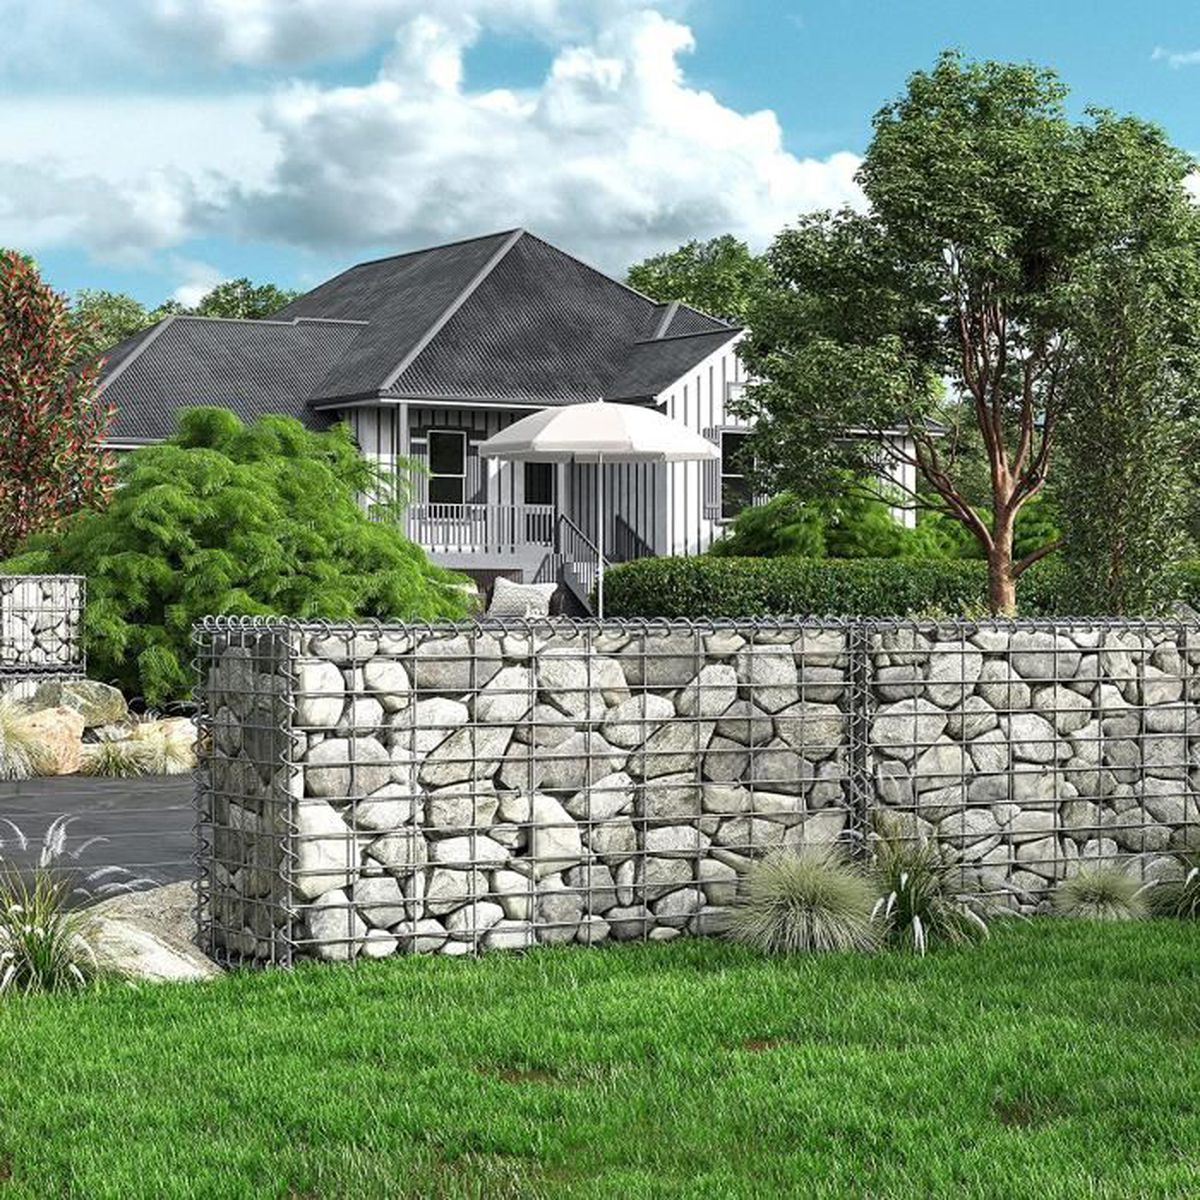 Gabion pierre 100 x 50 x 30 cm base pour mur m tallique for Couchtisch 100 x 50